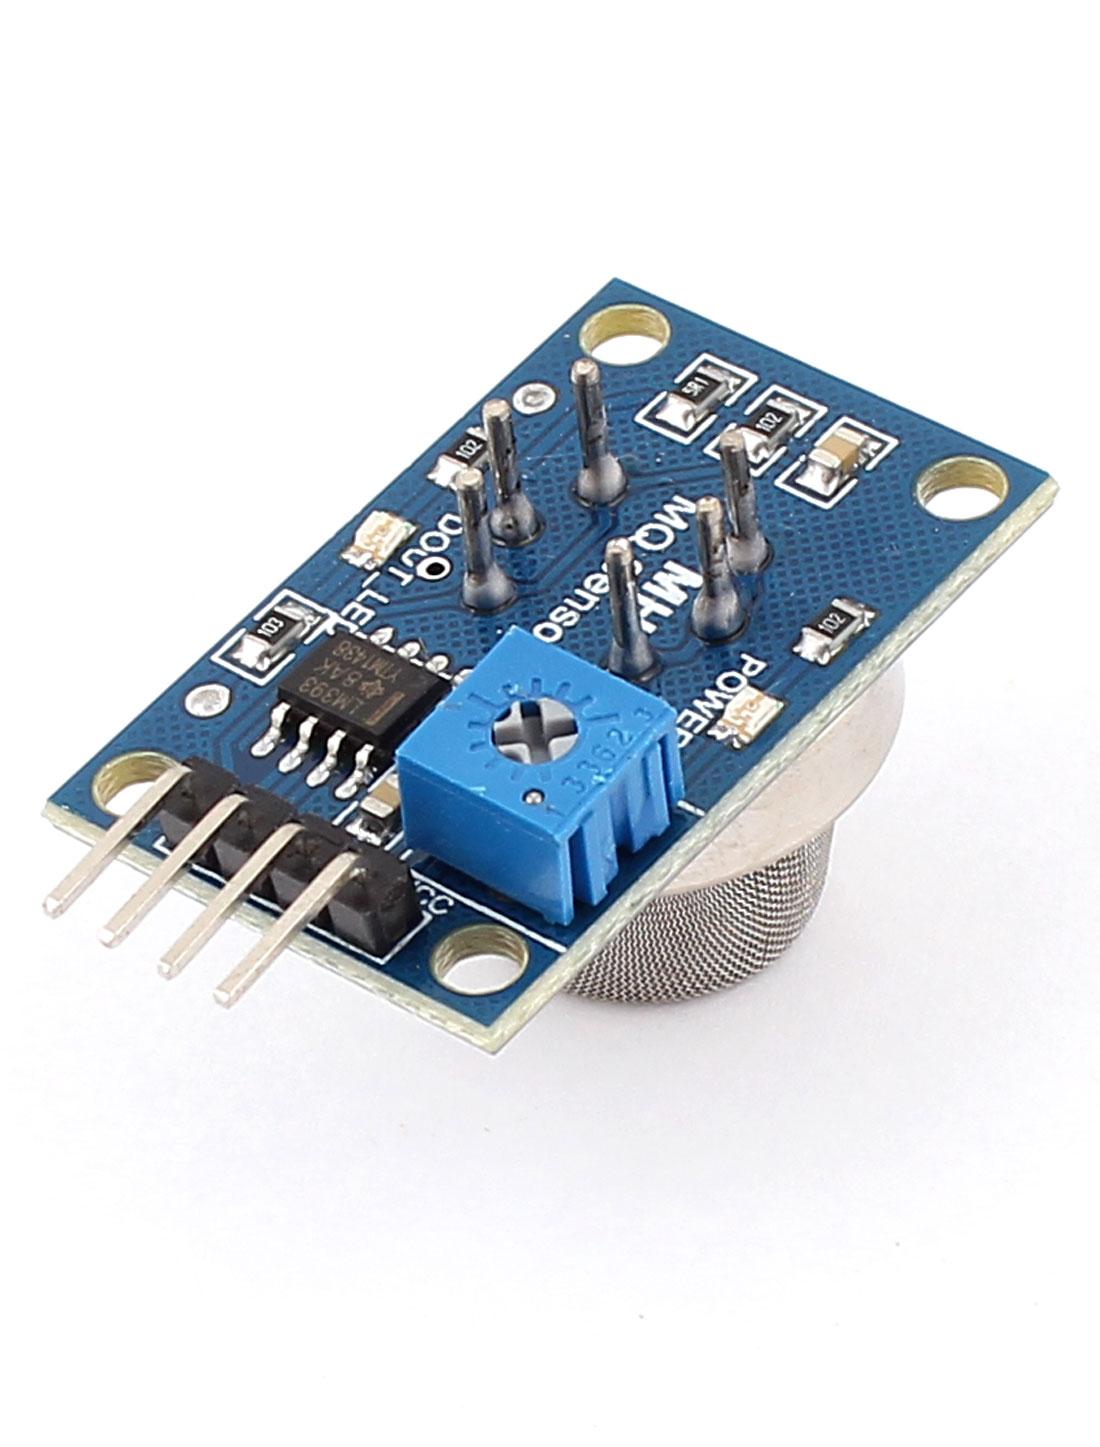 Sensor de gas licuado del petr leo glp mq 6 con board for Estanques de gas licuado